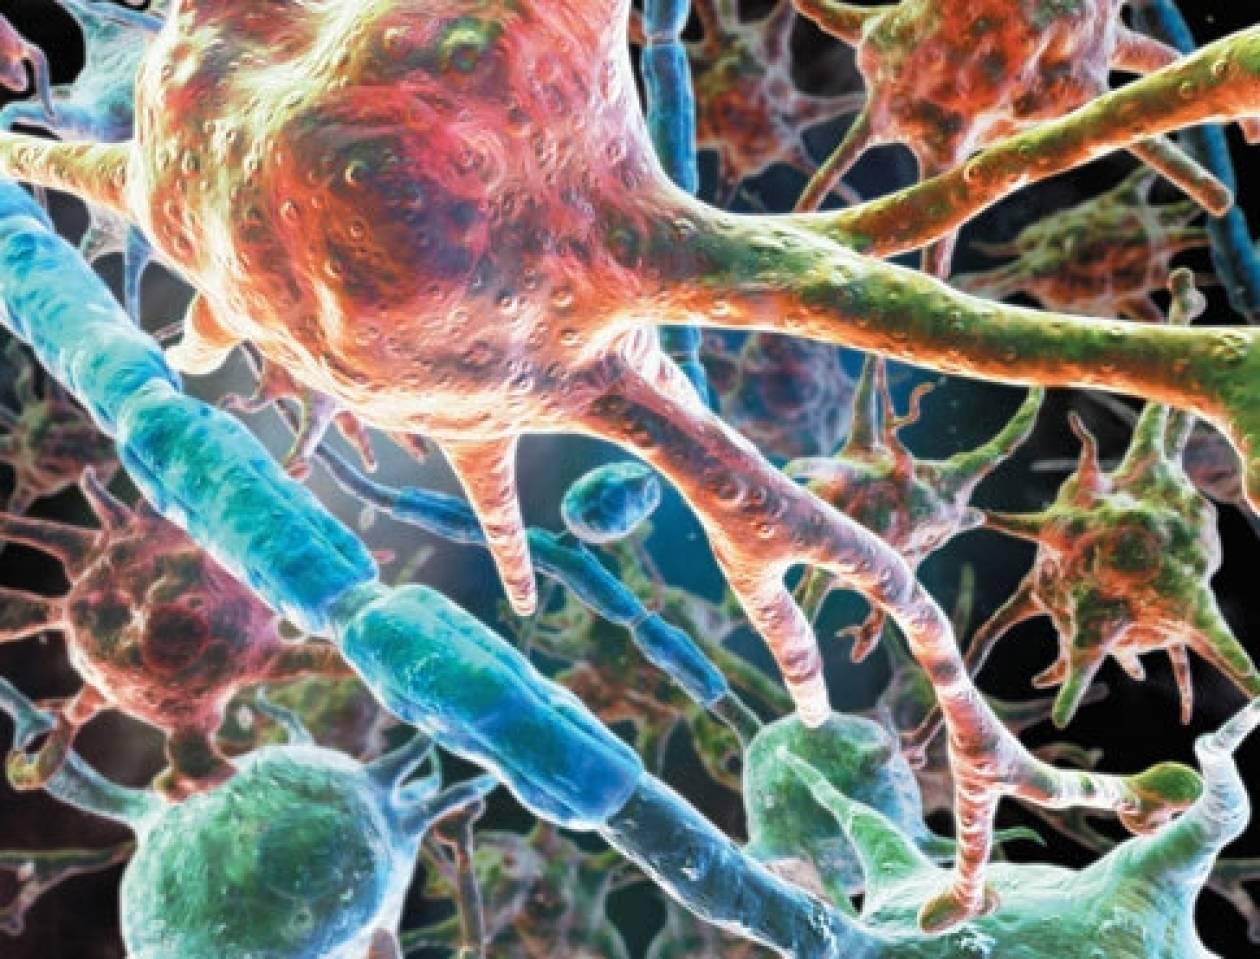 Ανακάλυψαν το μόριο που σταματά τη μετάσταση των καρκινικών κυττάρων!